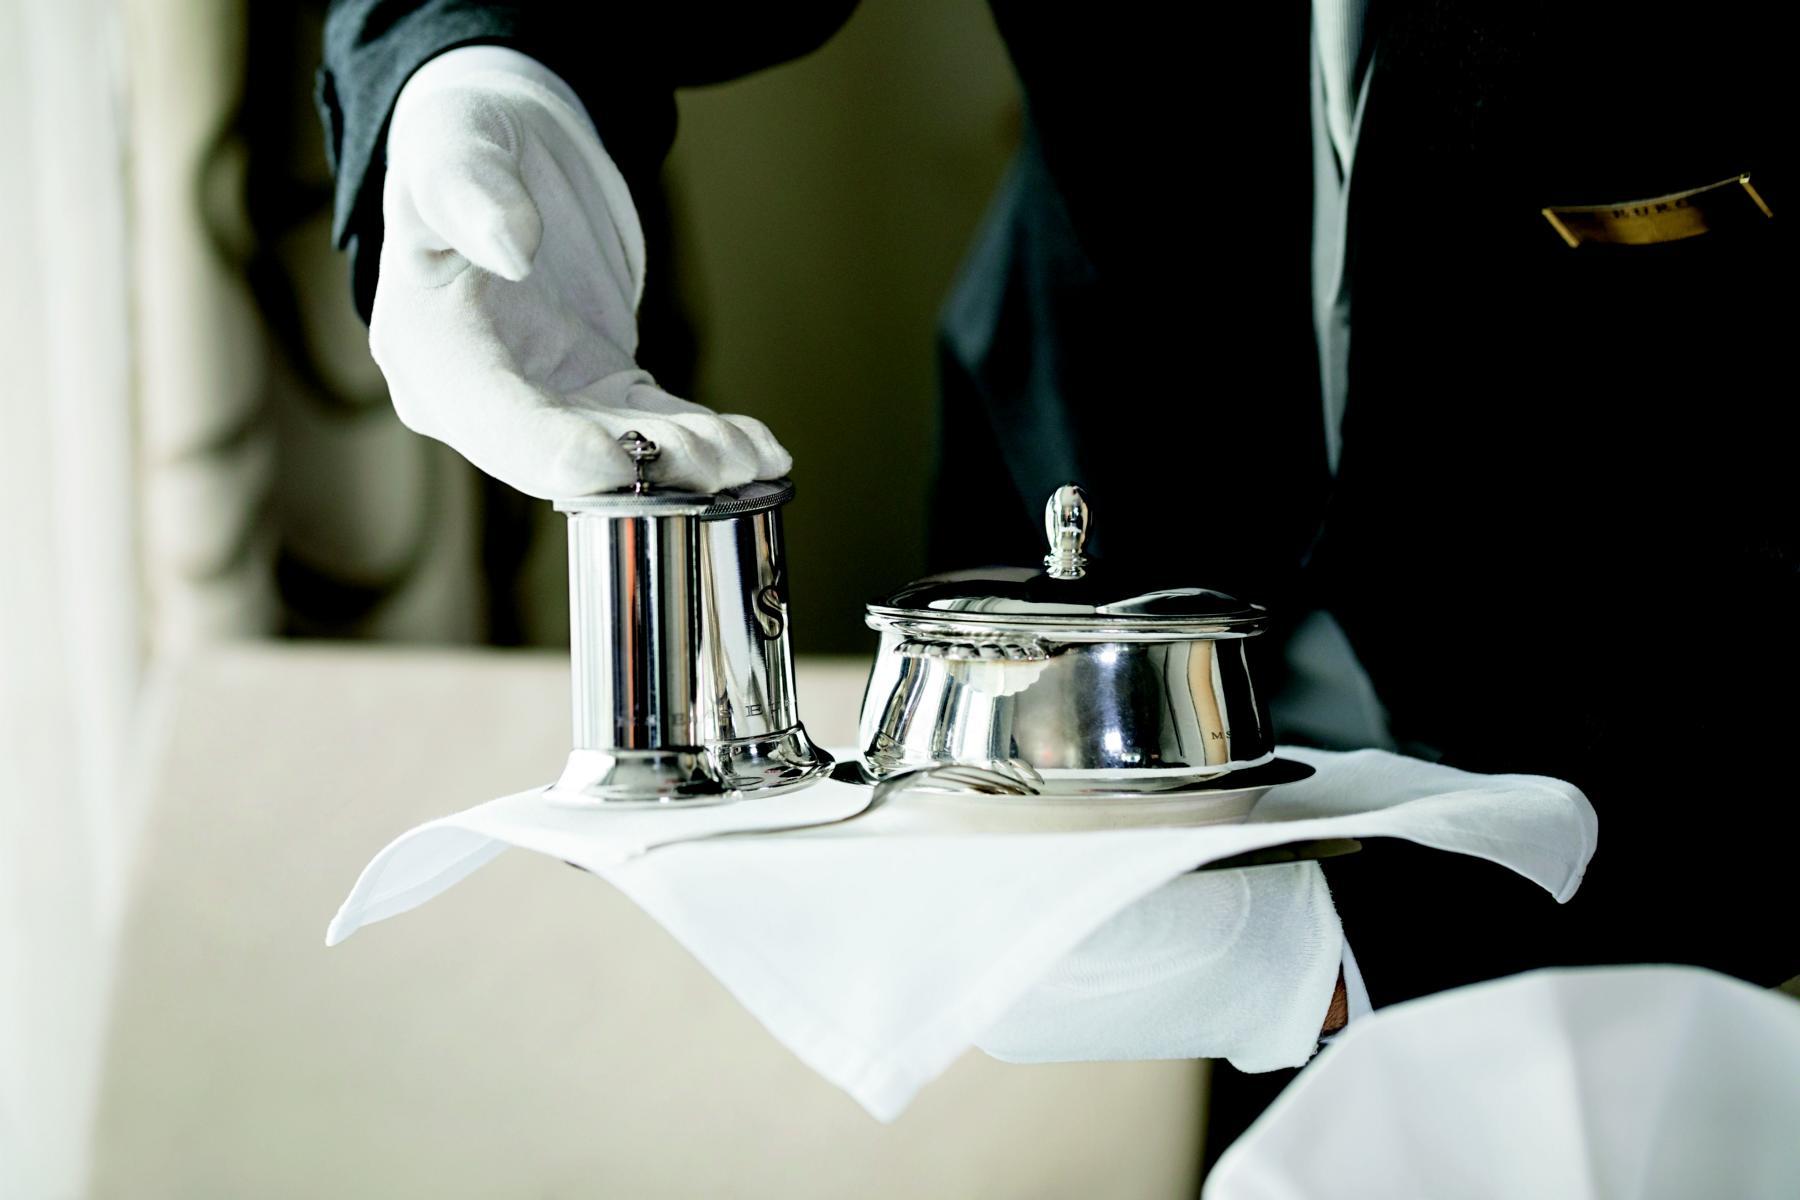 Butlerservice auf der MS Europa